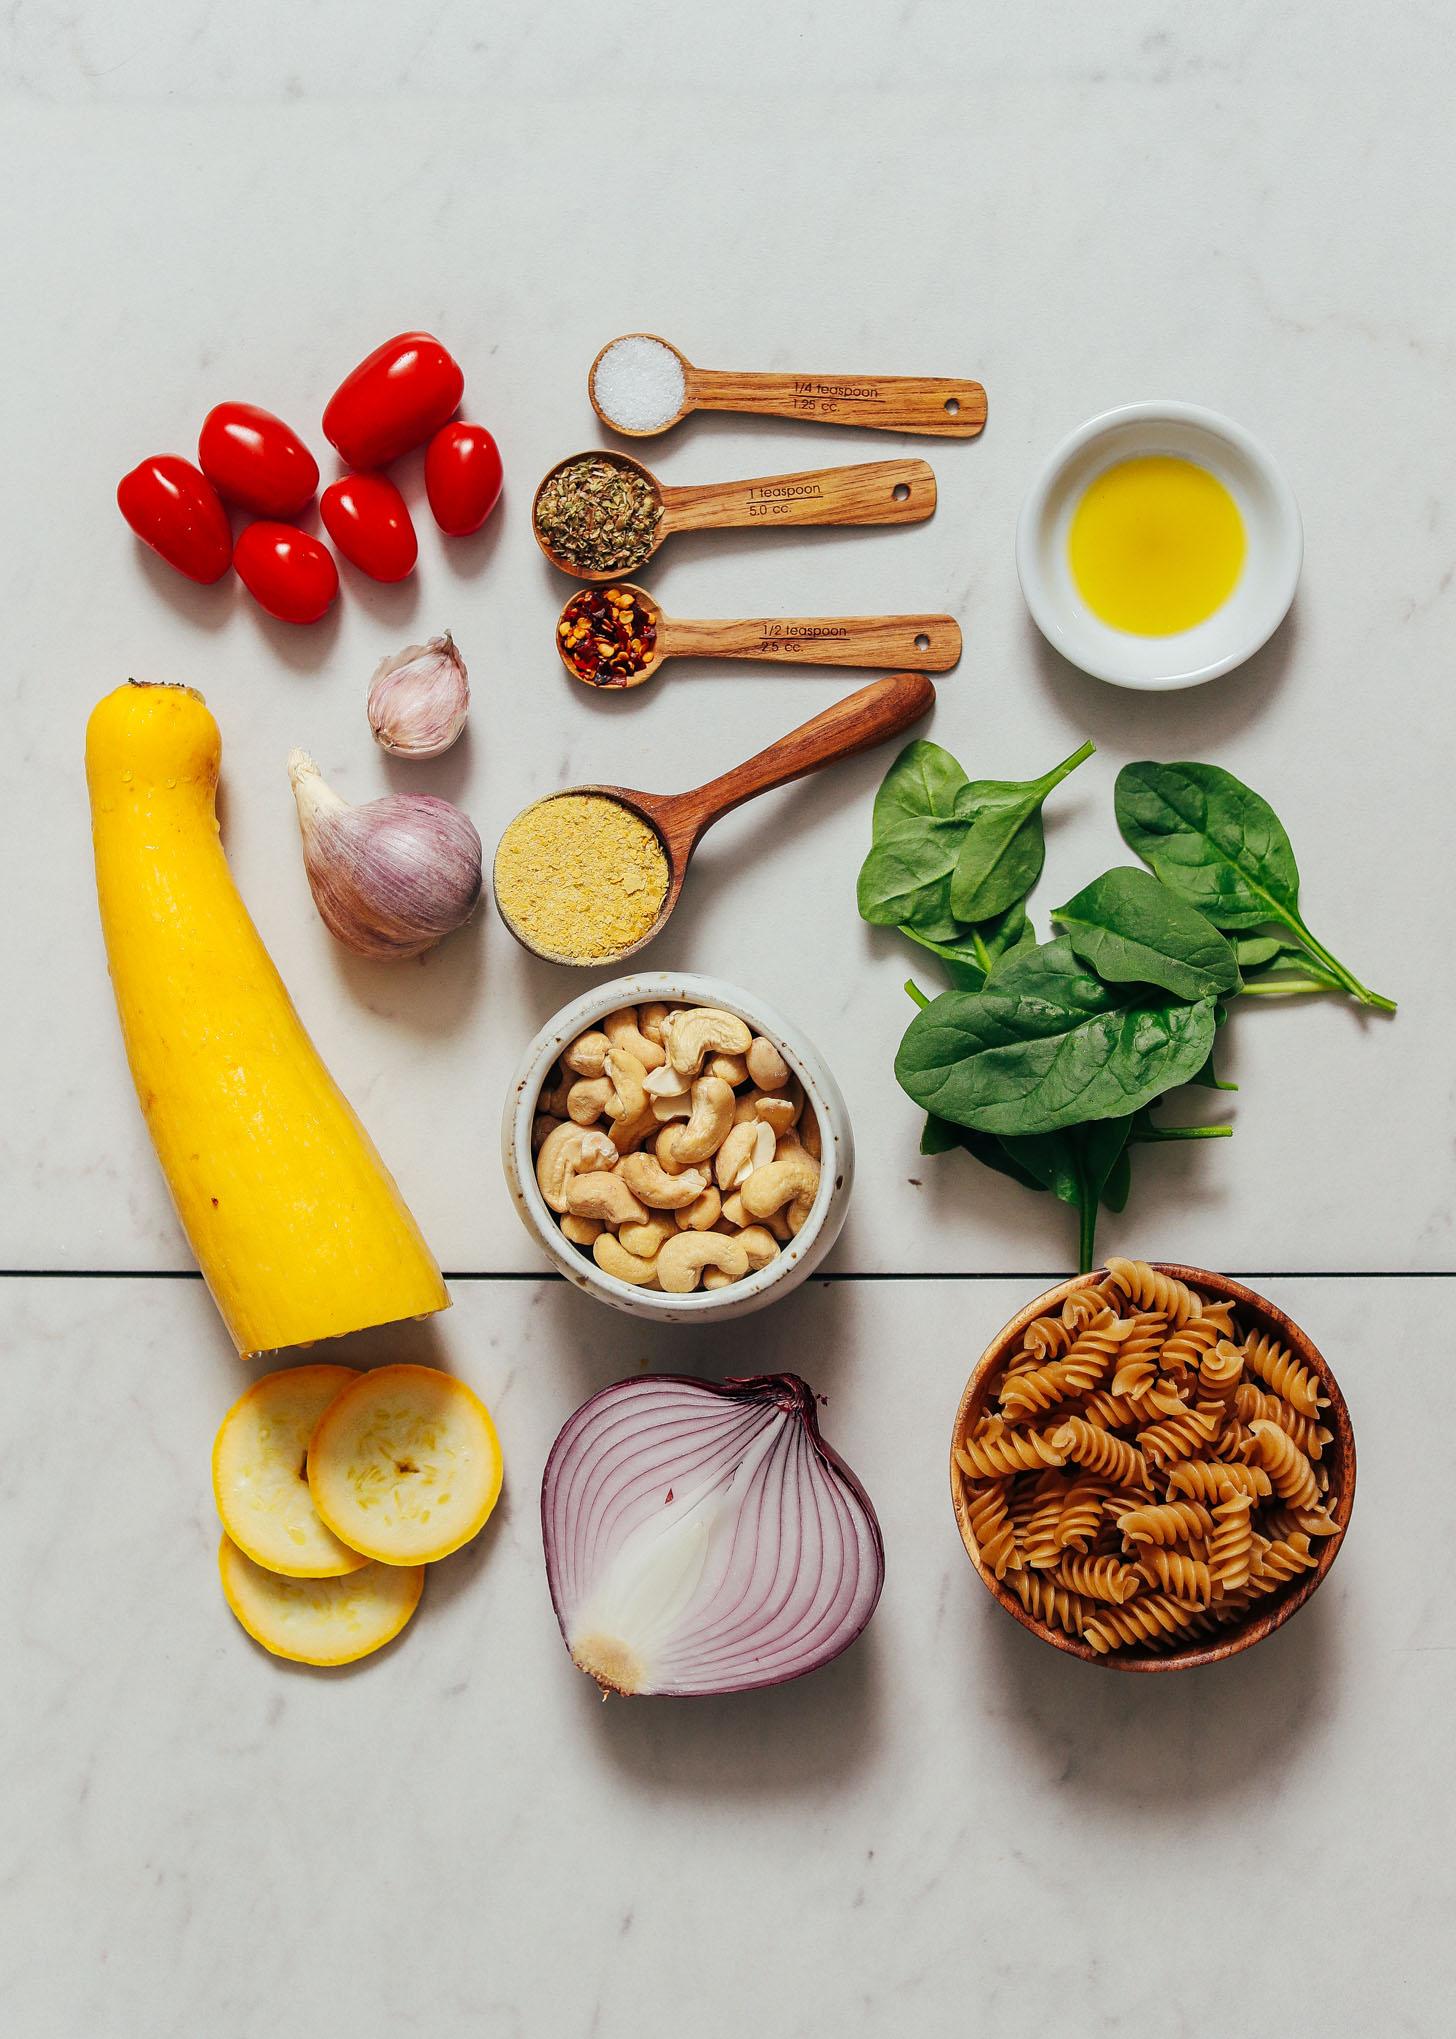 Tomate cereja, abóbora amarela, castanha de caju, cebola roxa, fermento nutricional, ervas, sal marinho, alho, azeite, espinafre e fusili sem glúten